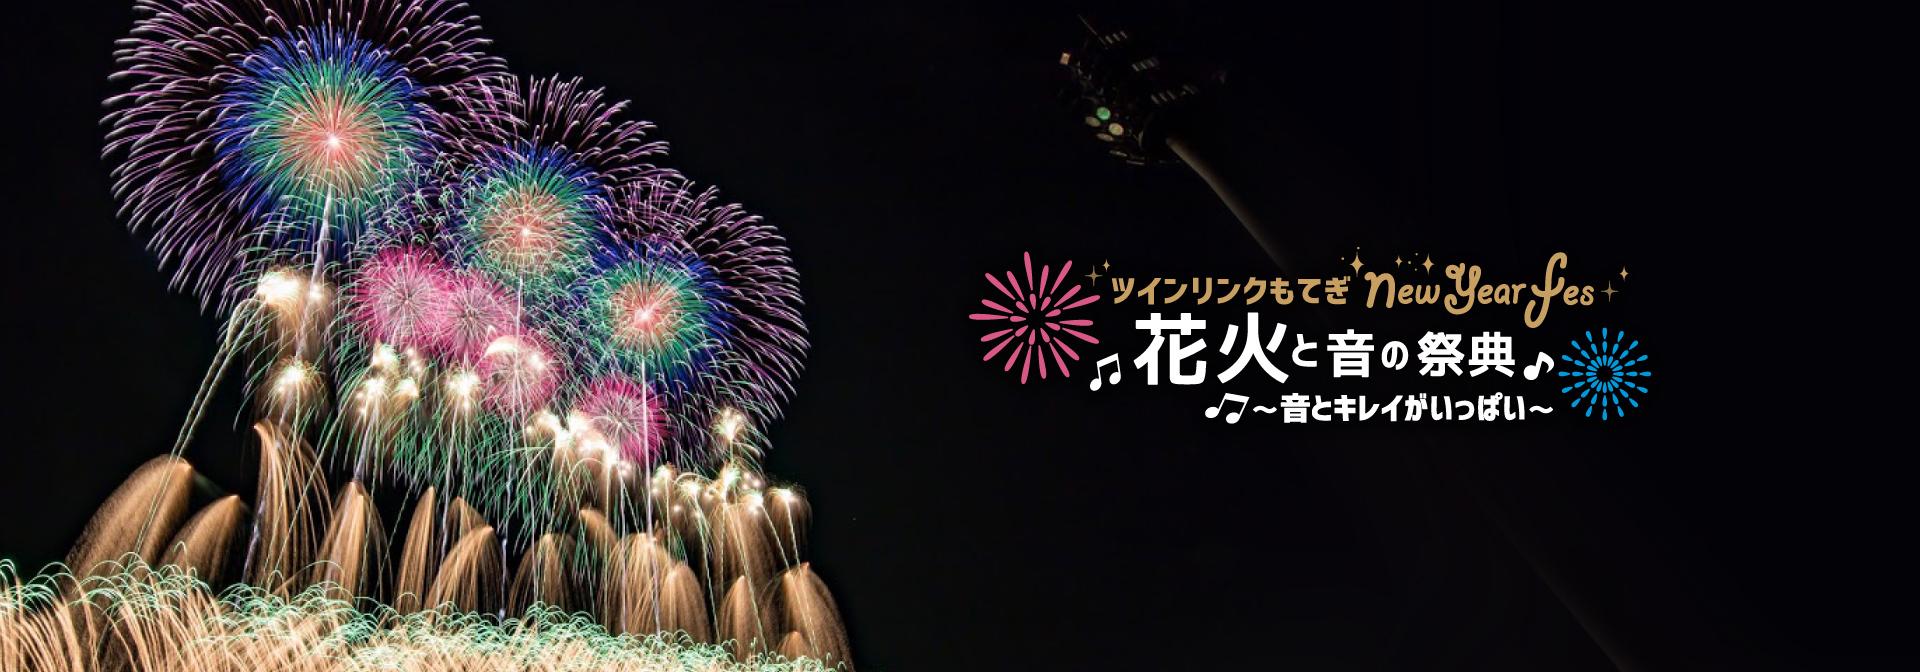 """ツインリンクもてぎで2019年1月2日(水)、『花火と音の祭典""""New Year Fes"""" ~音とキレイがいっぱい~』が開催される"""